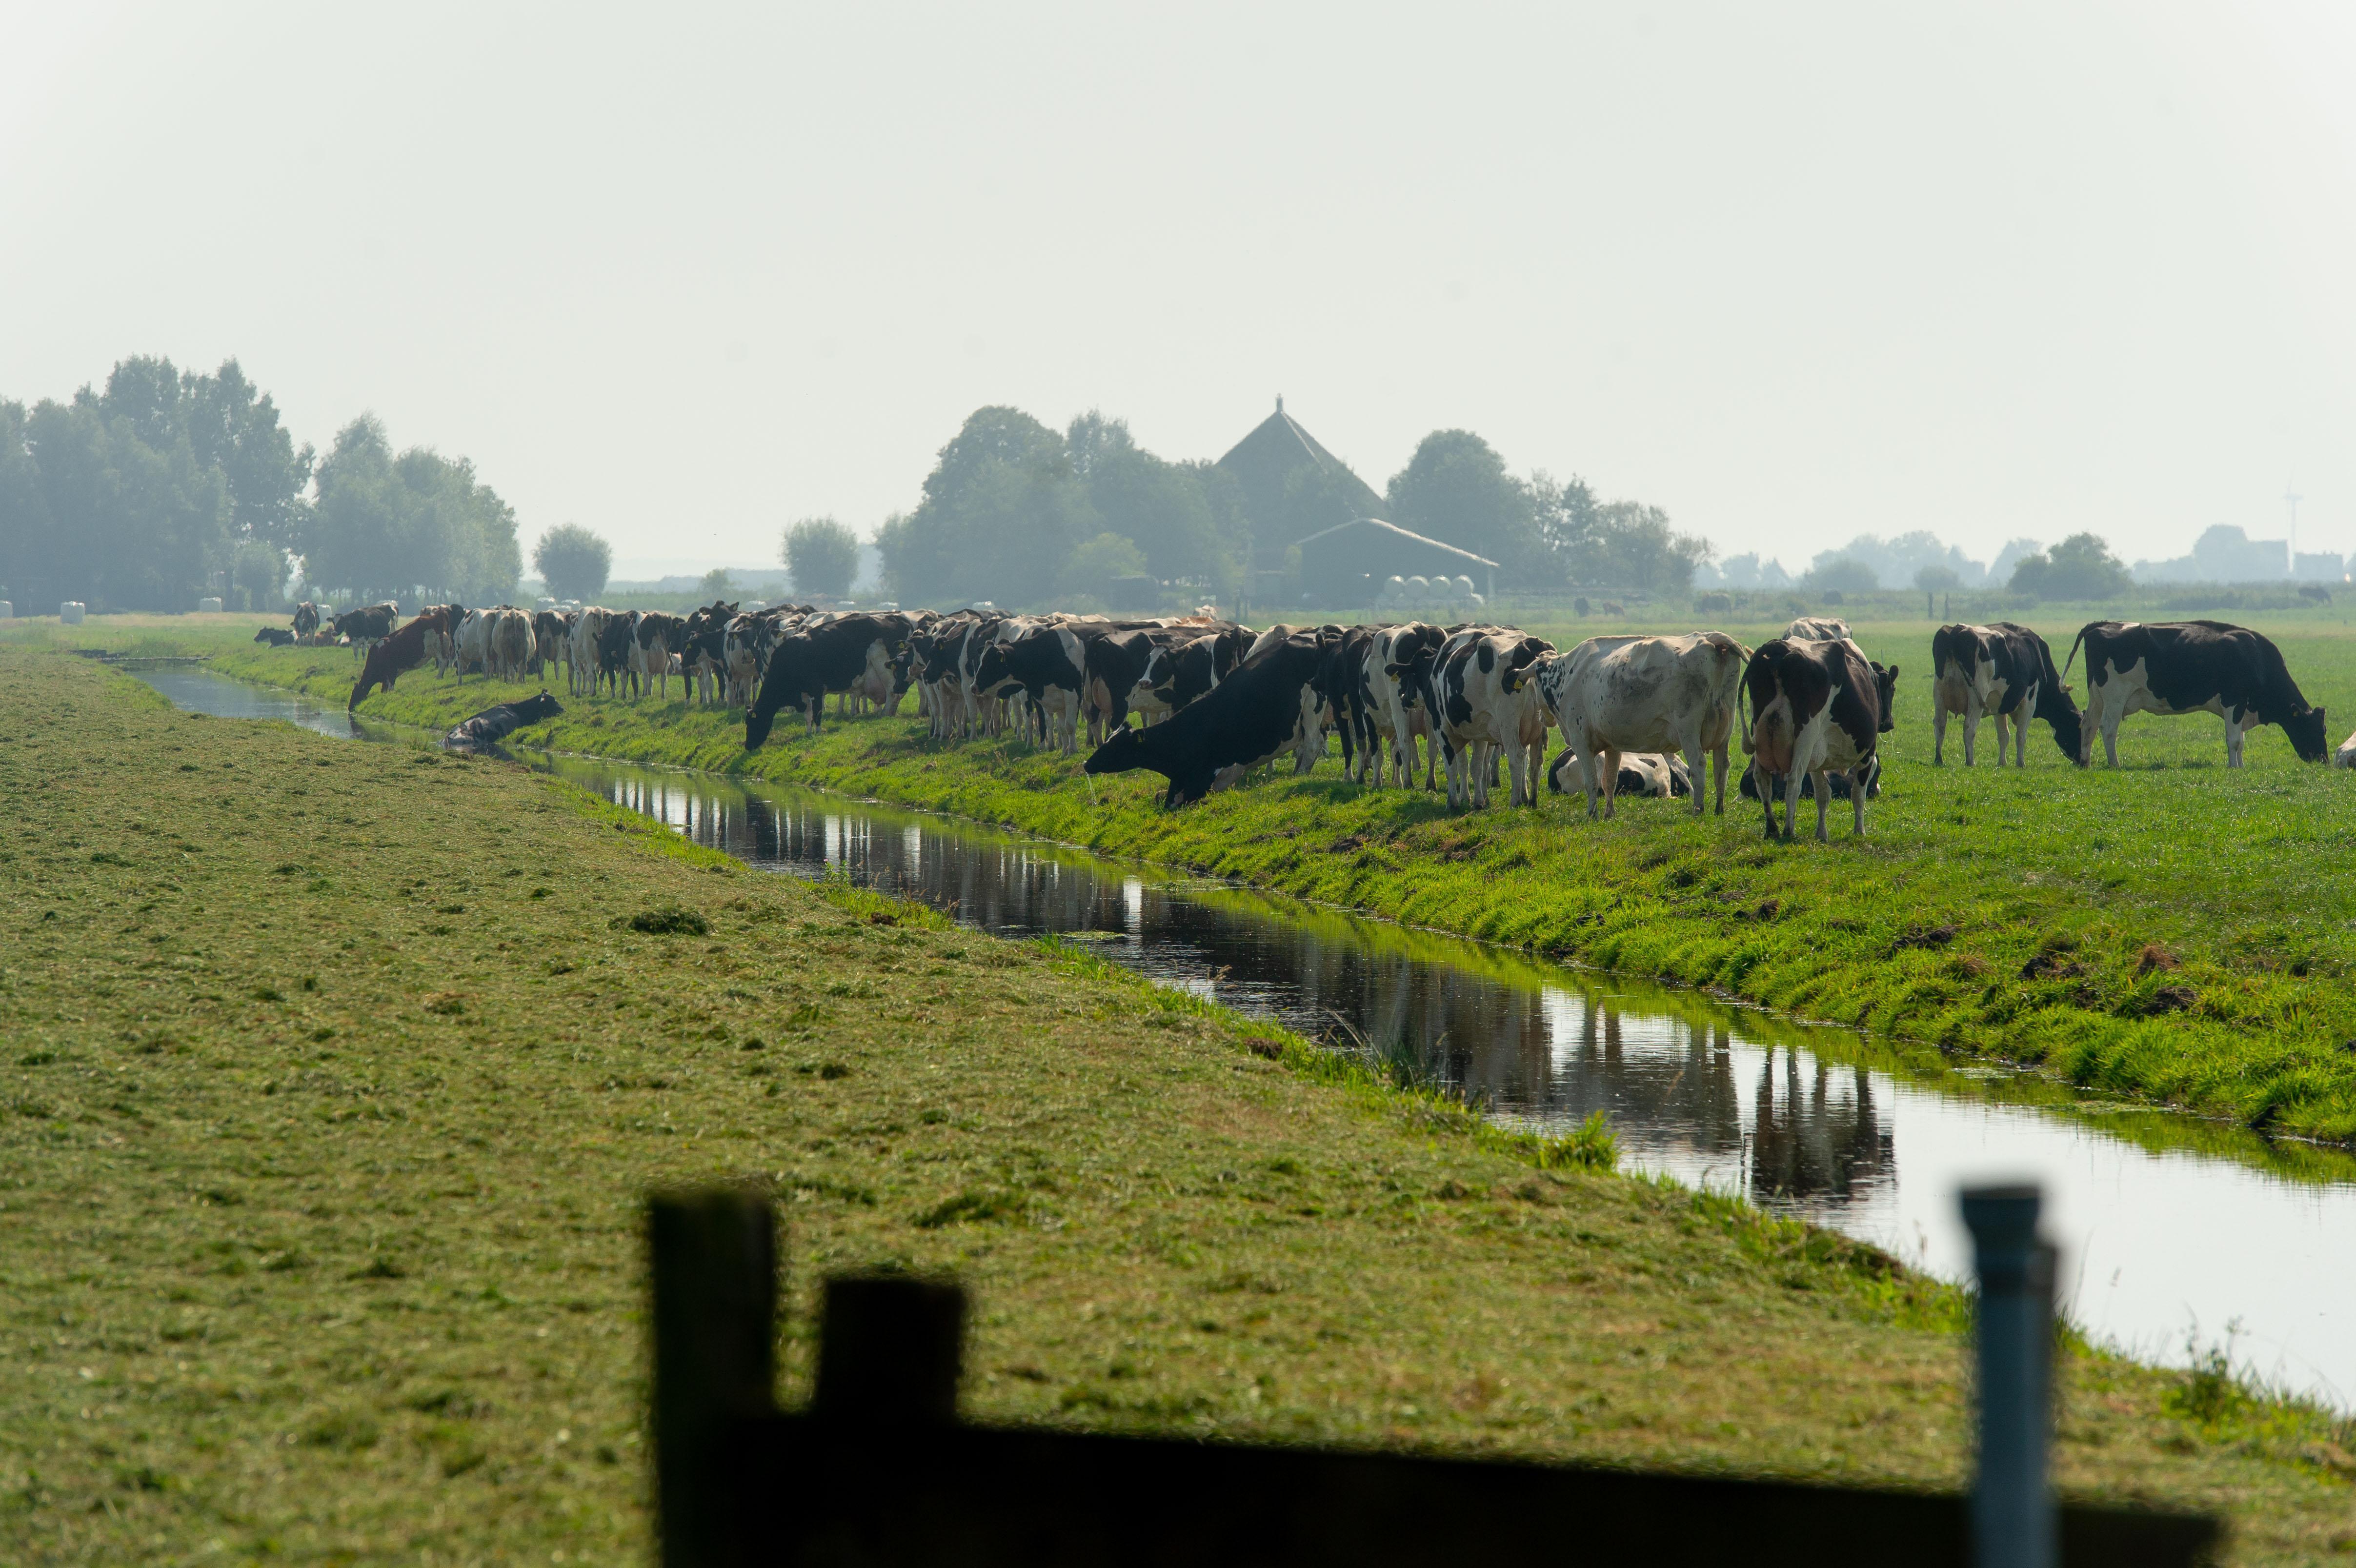 Waterlandse boeren bij Goudriaankanaal willen naast natuurvisie ook een landbouwvisie. 'Het is hier al een weidevogelparadijs'